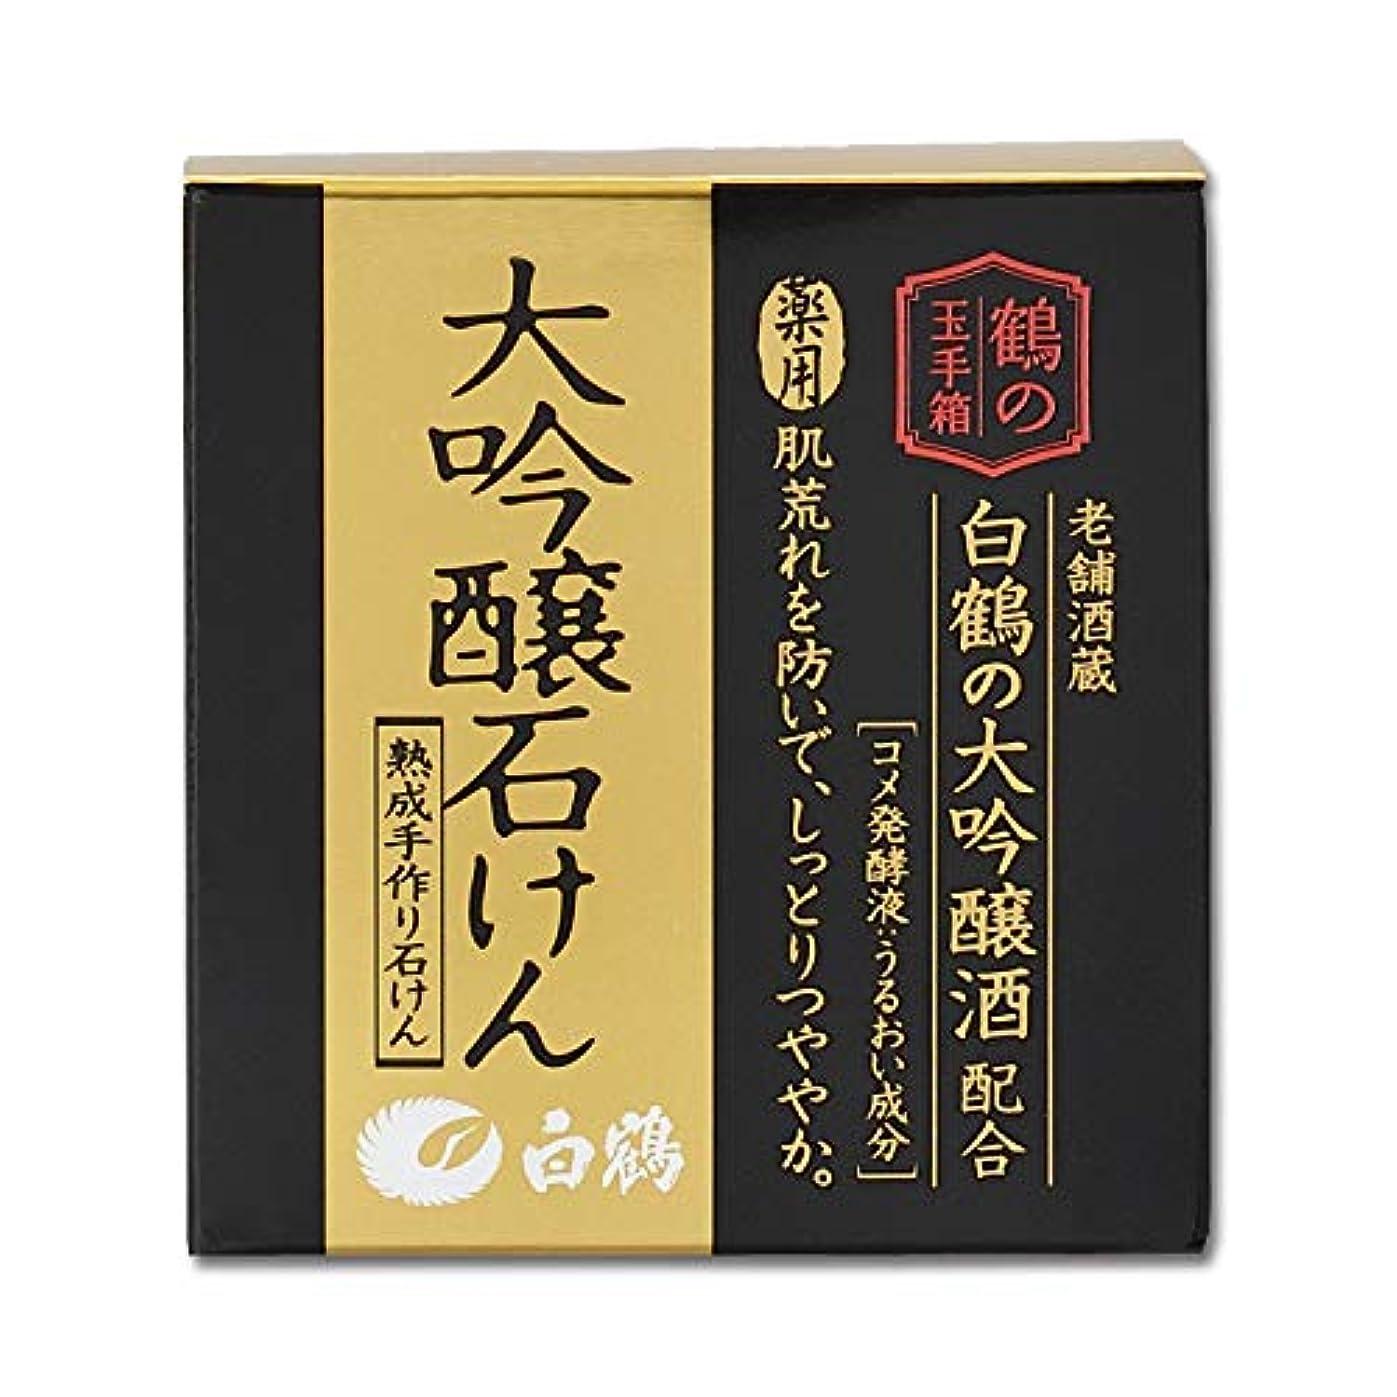 脚市長ぴったり白鶴 鶴の玉手箱 薬用 大吟醸石けん 100g (医薬部外品)